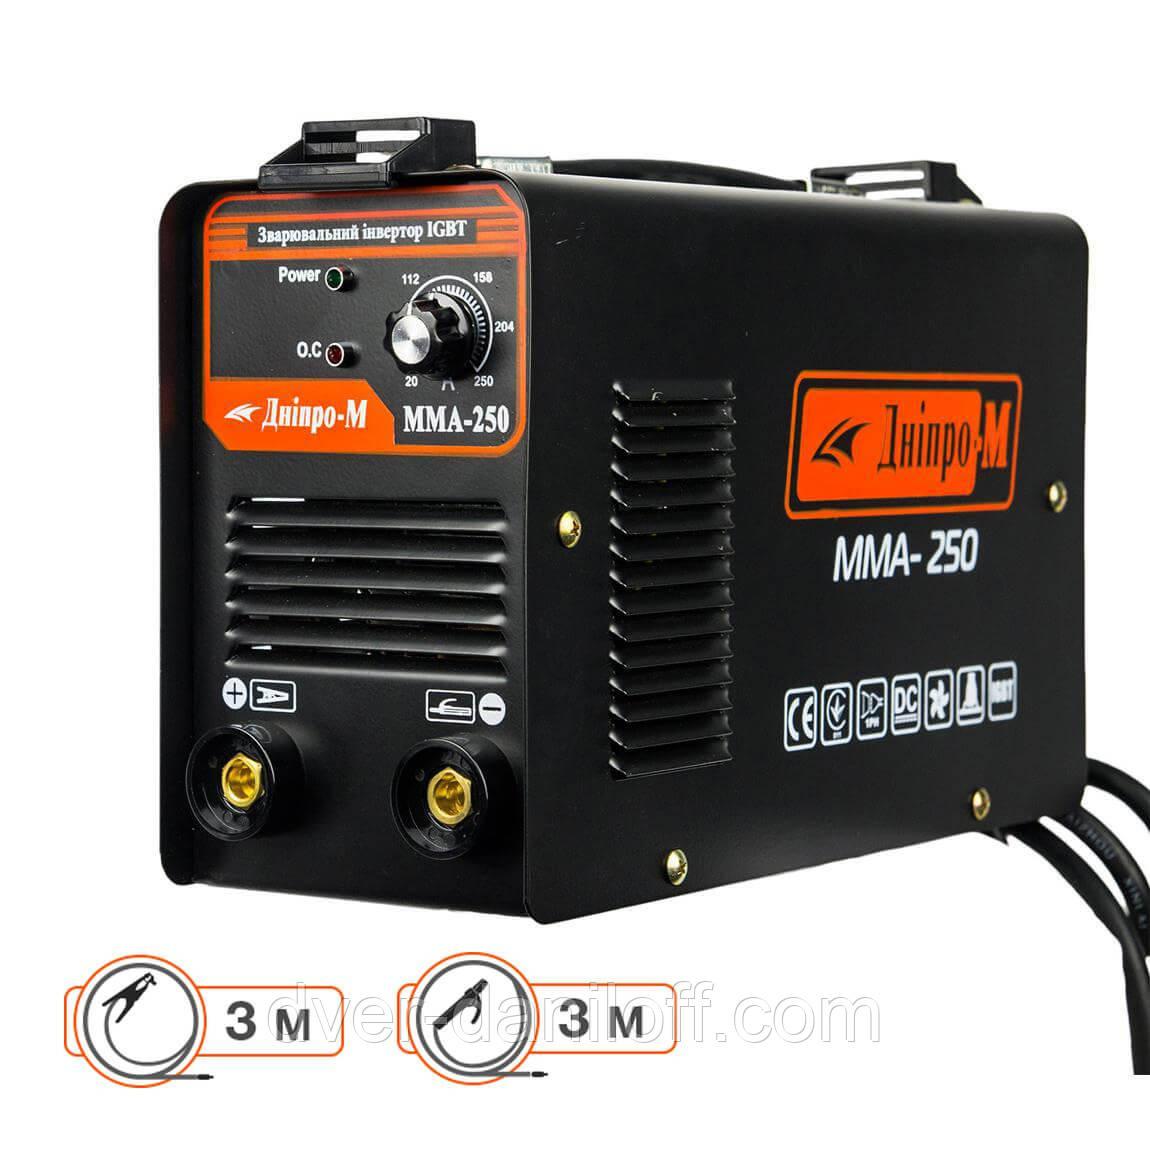 Зварювальний інвертор Дніпро-М ММА-250 (кабель 3м)